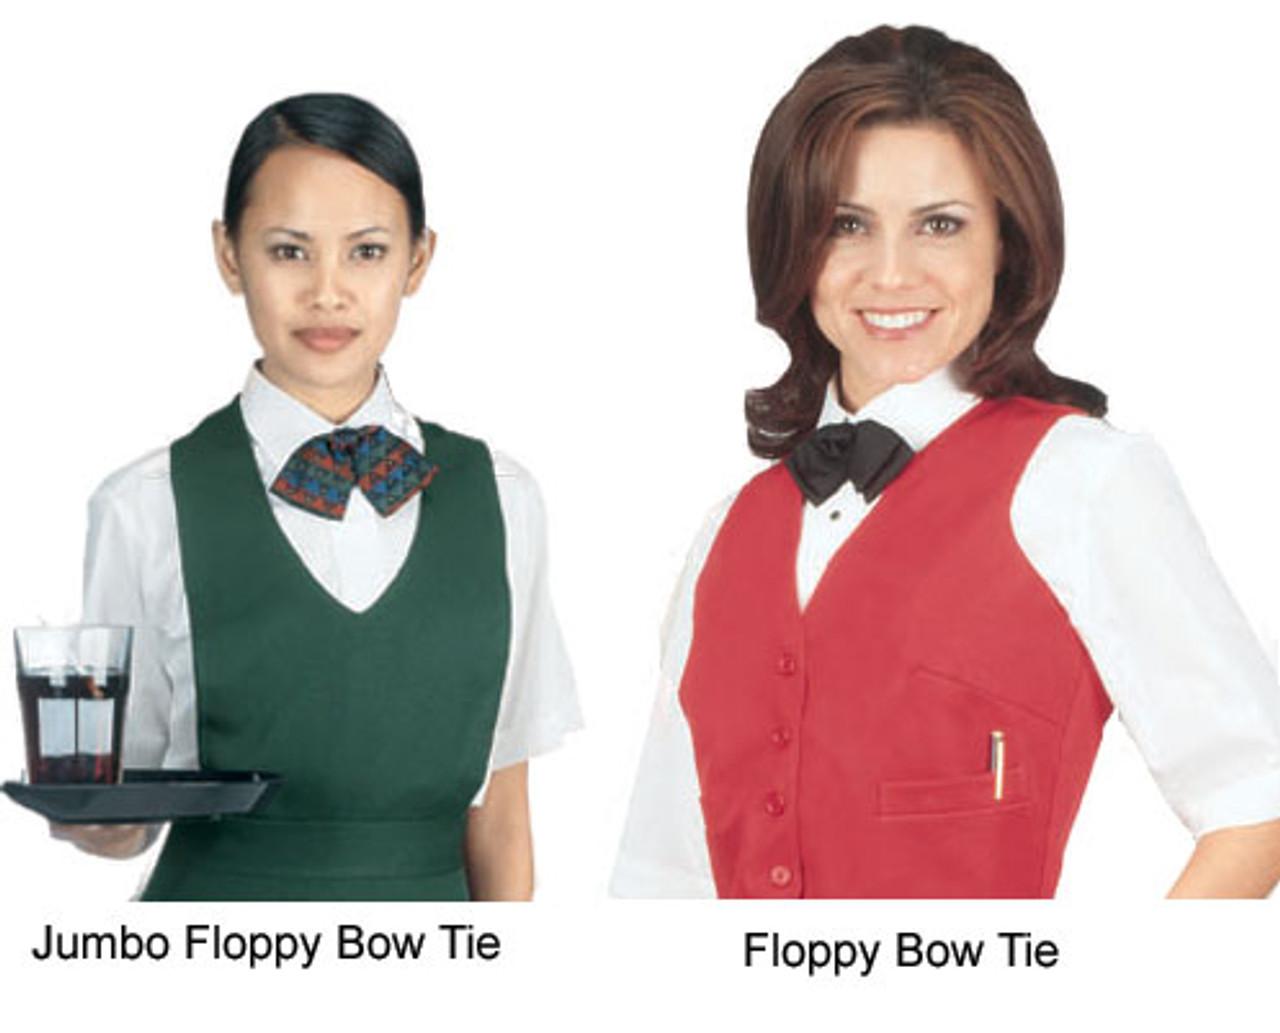 Cute and floppy ties